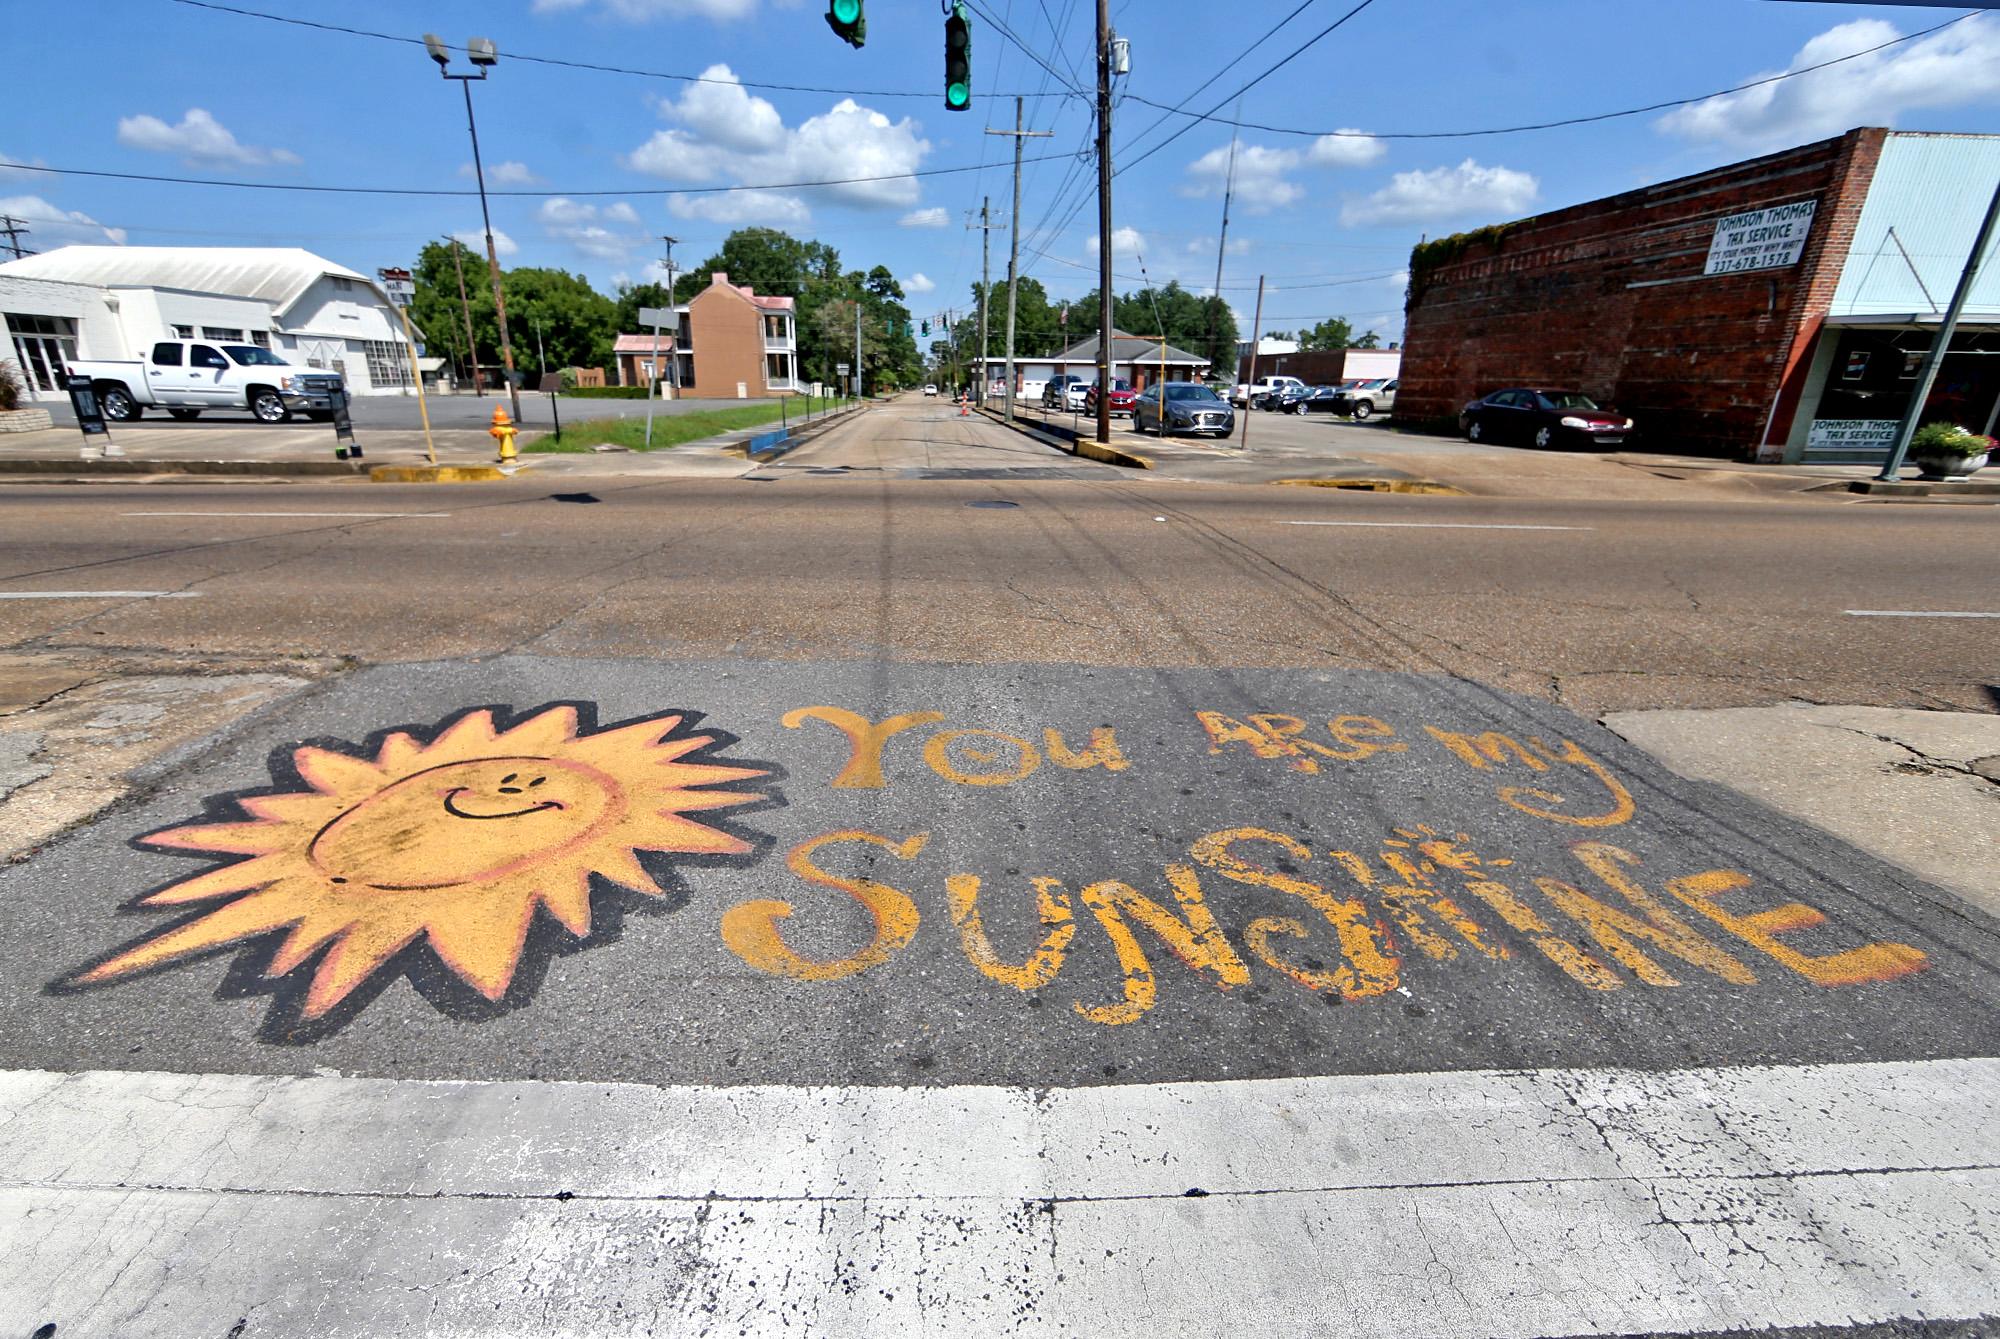 Un alegre cartel pintado en el camino en el centro de Opelousas, Luisiana. Foto de Michael Democker.